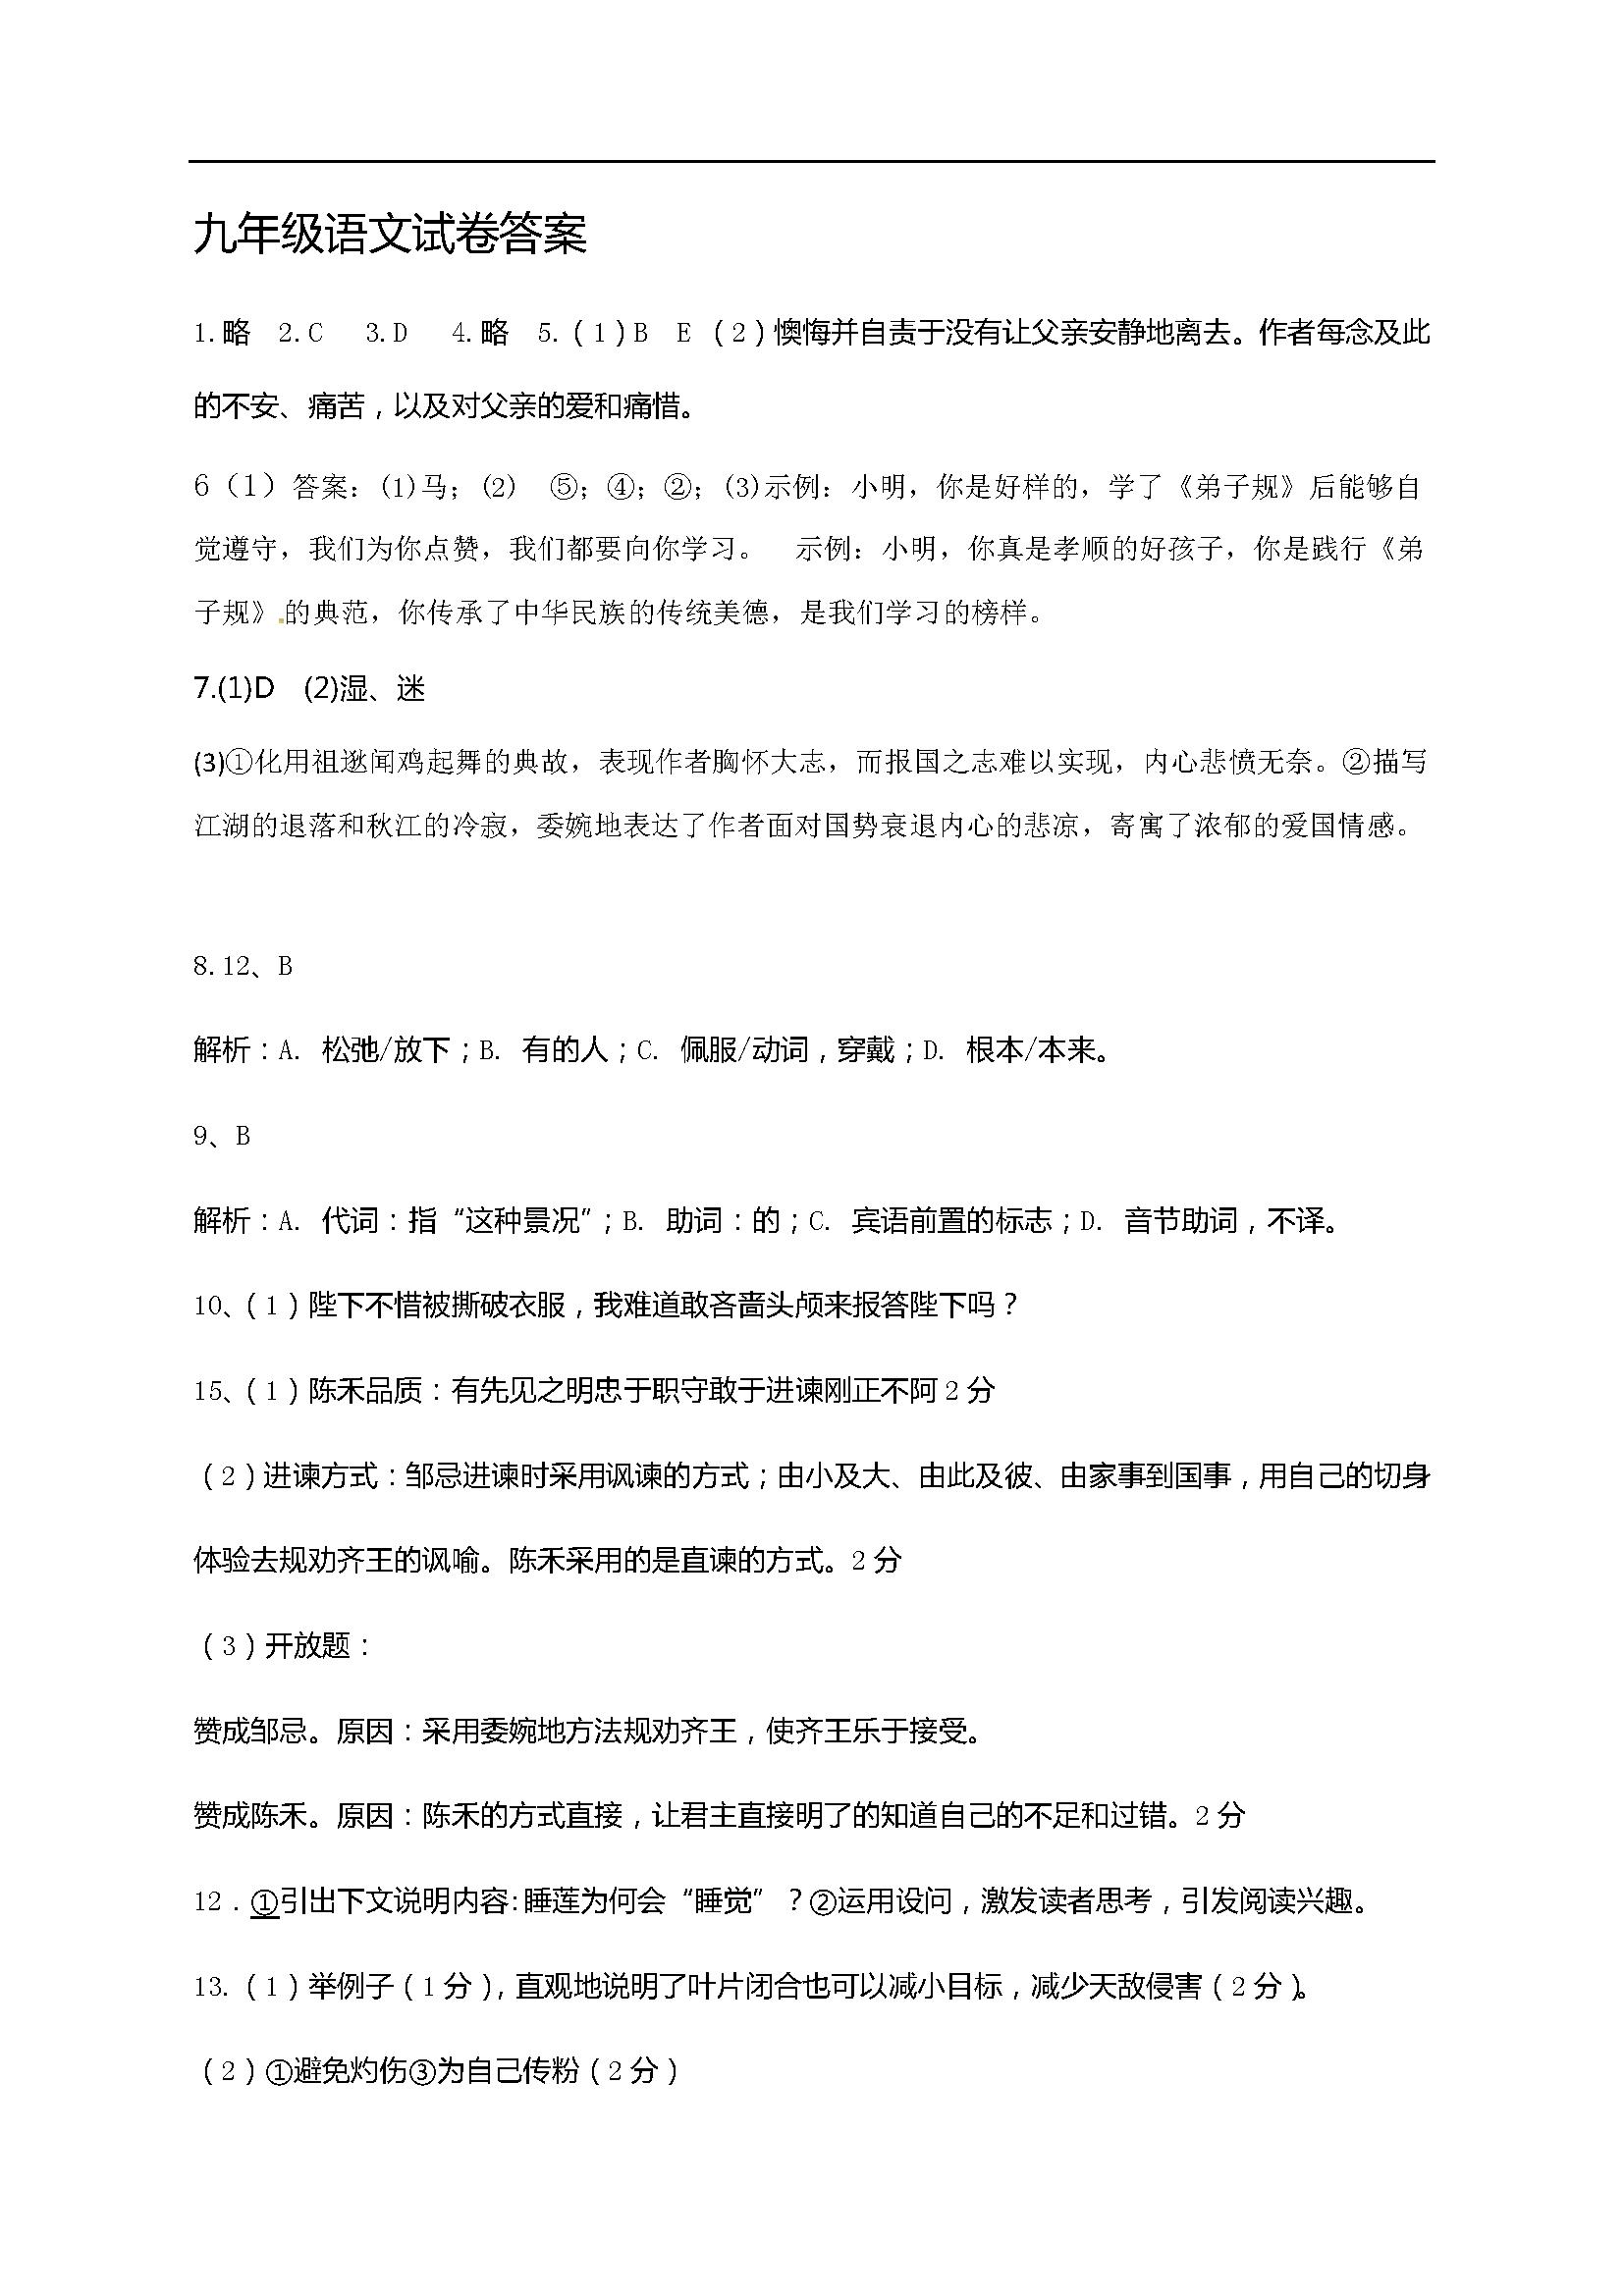 江苏泰州中学附属初级中学2017届九年级下第一次月考语文试题答案(Word版)